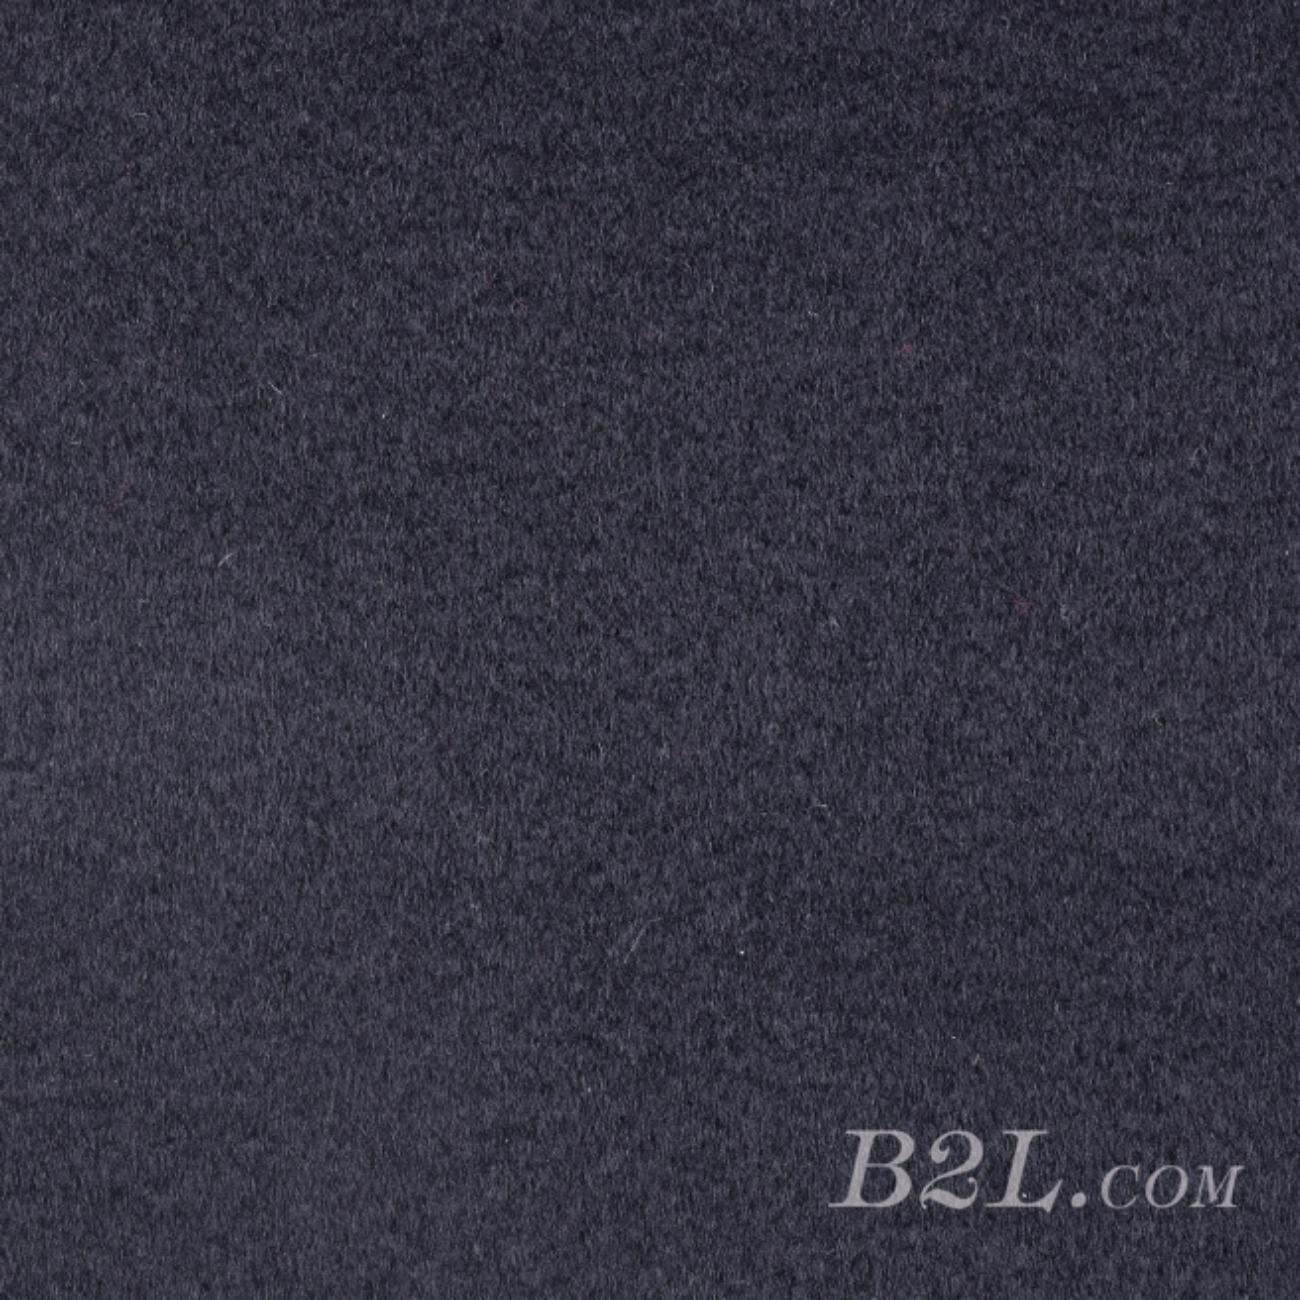 毛紡 梭織 染色 絨感 秋冬 大衣 外套  90921-21